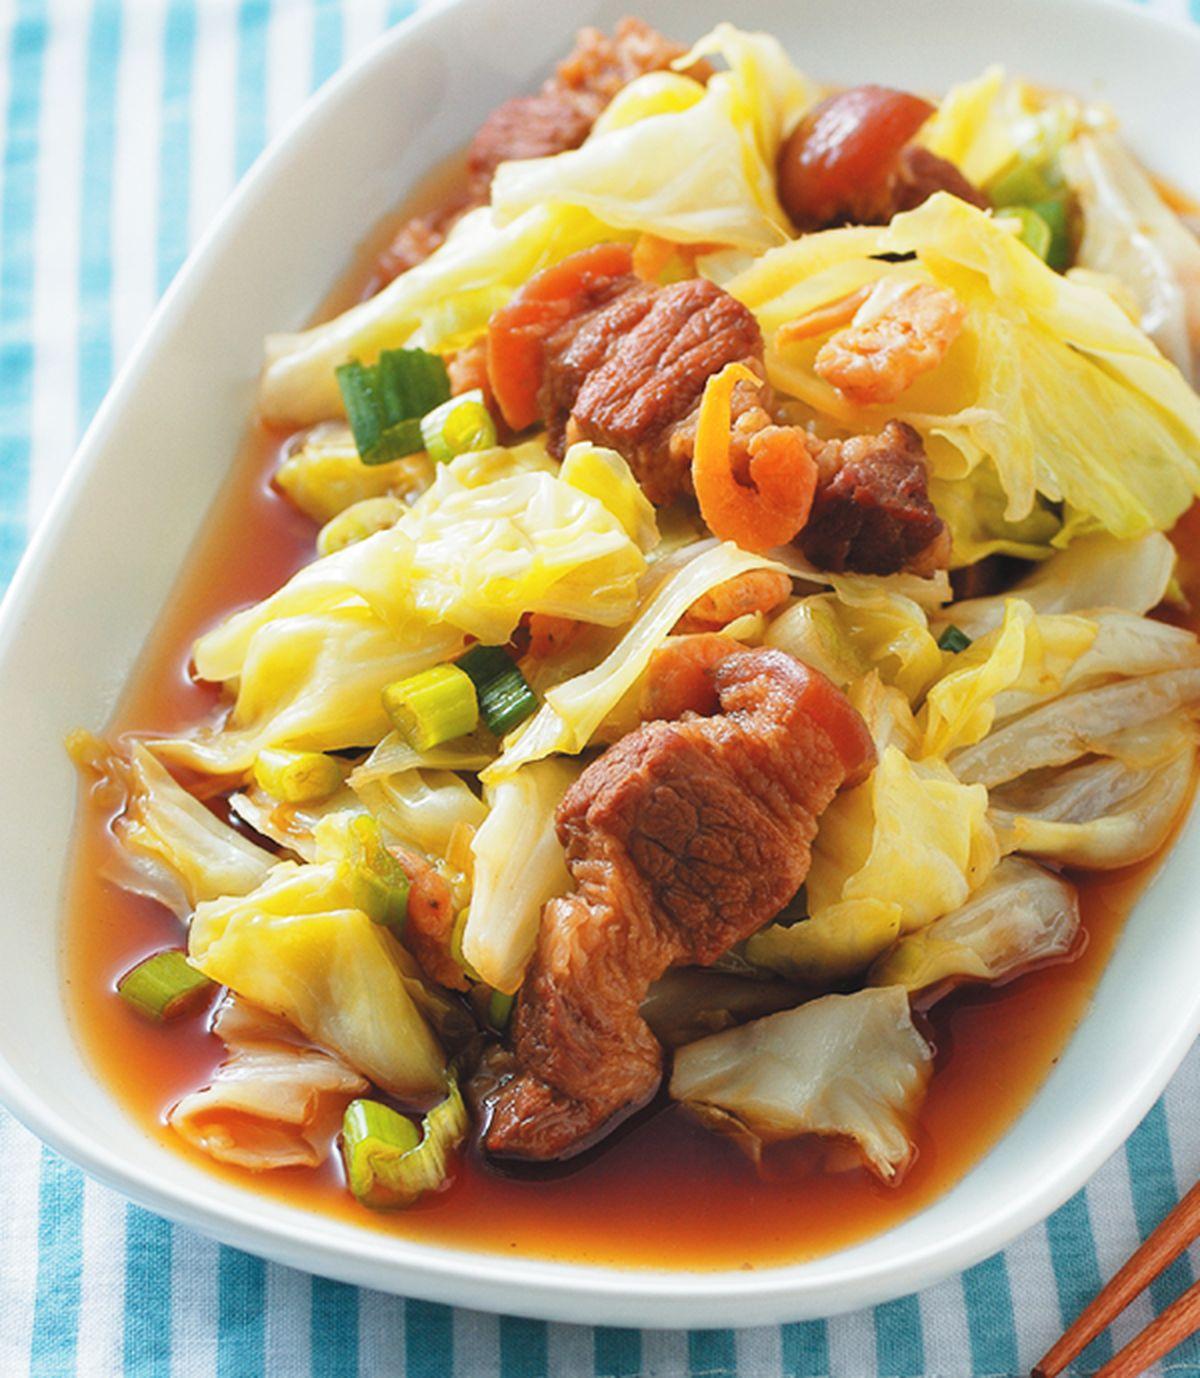 食譜:滷蝦米高麗菜